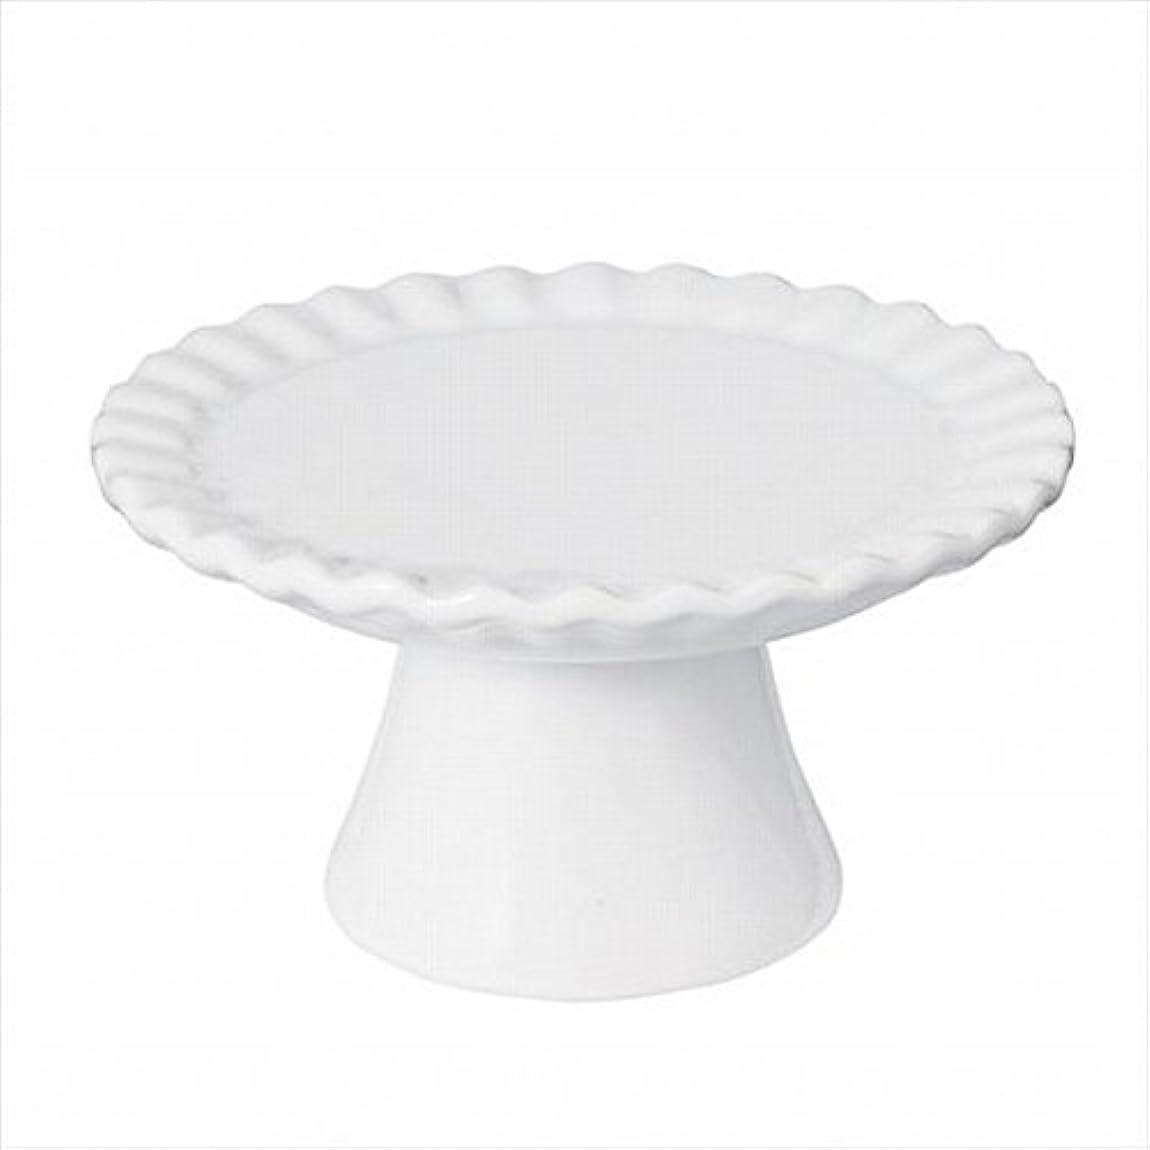 ショートサミット知性sweets candle(スイーツキャンドル) ドルチェコンポート 「 ホワイト 」 キャンドル 95x95x52mm (J5480000W)